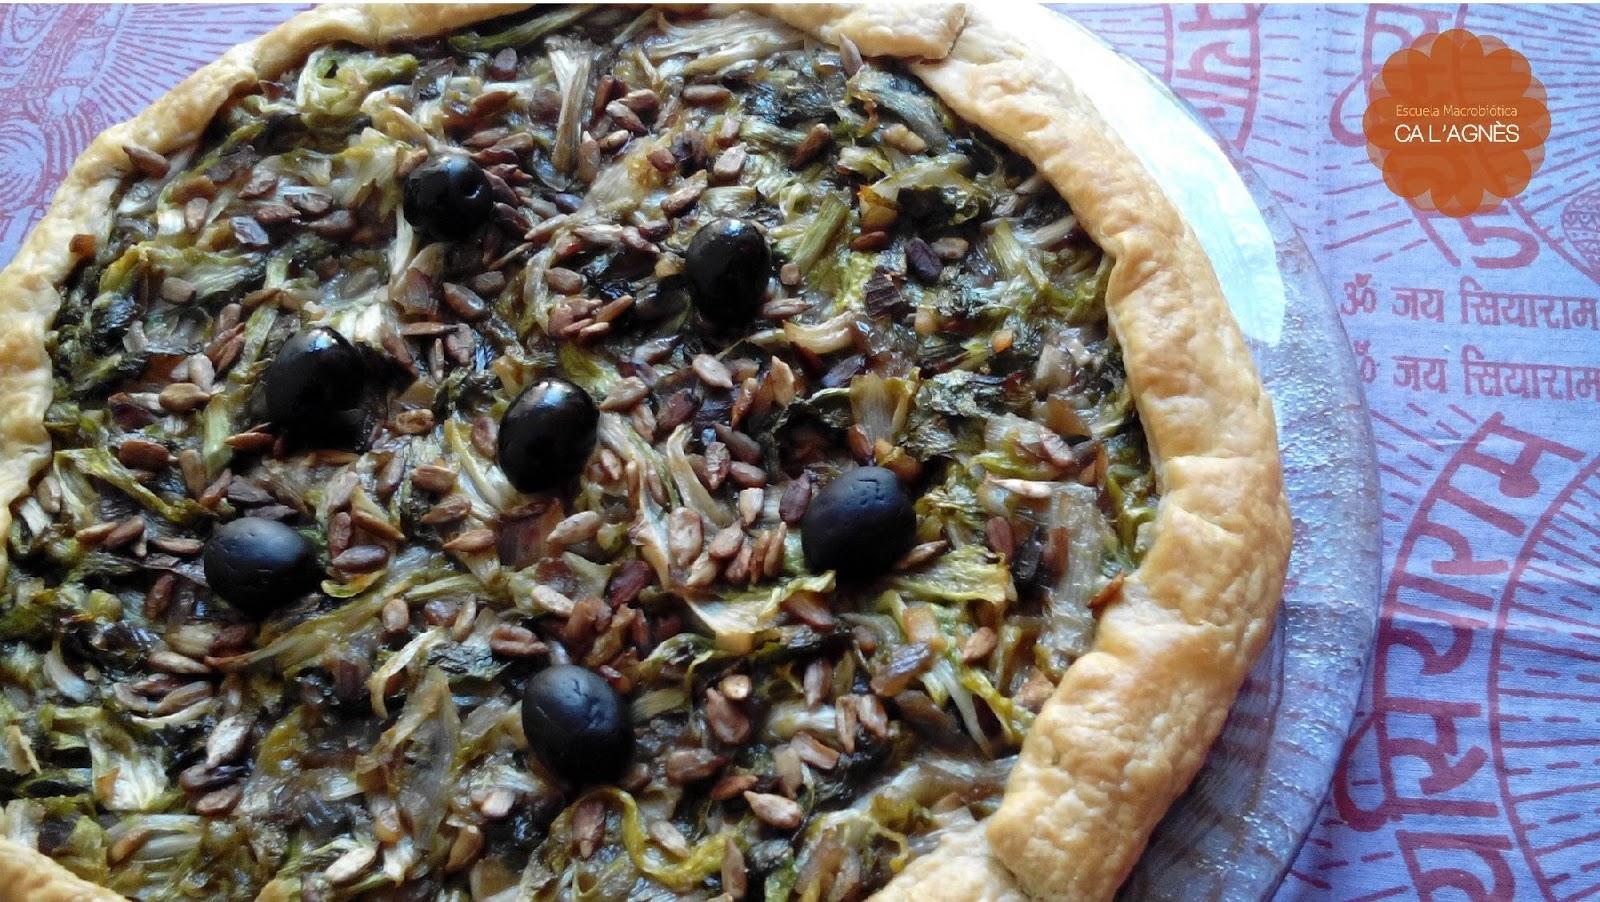 Cocina macrobi tica pizzas for Cocina macrobiotica